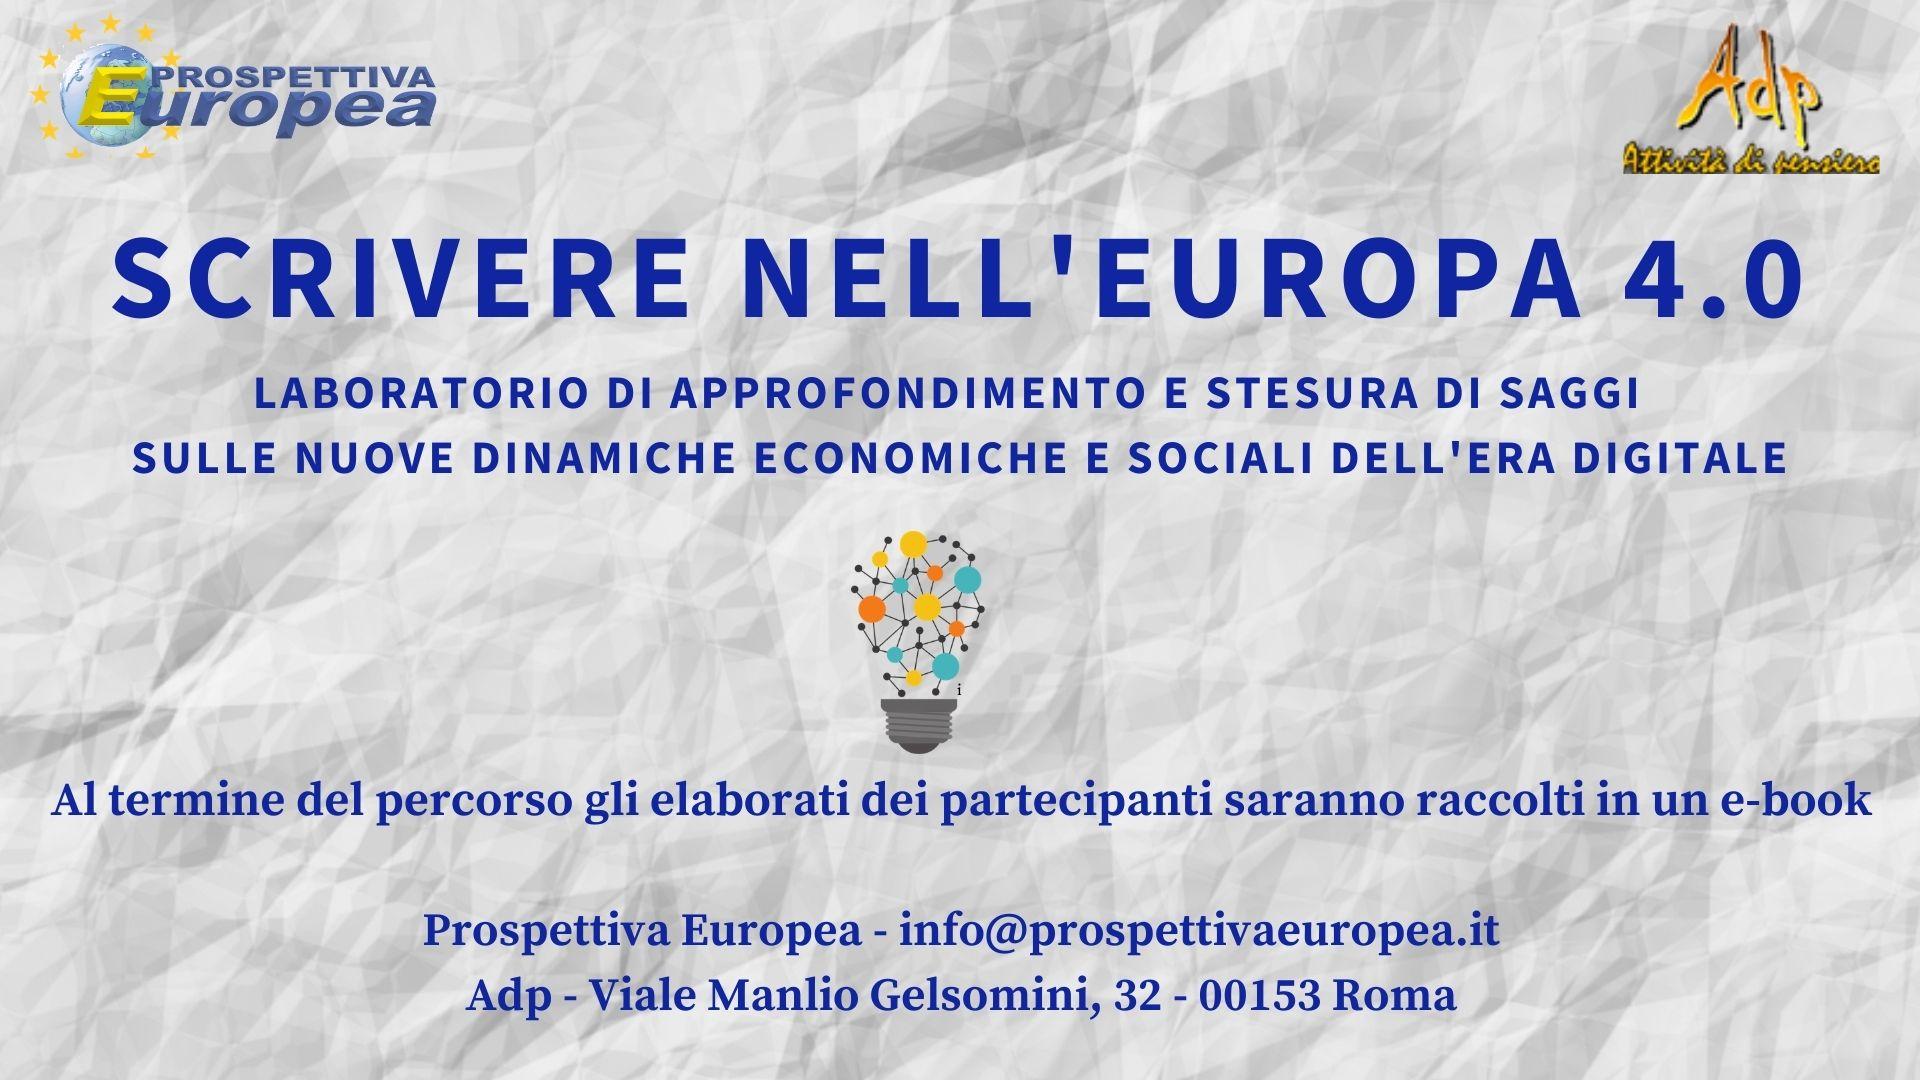 scrivere-neleuropa-4-0-laboratorio-adp-prospettiva-europea